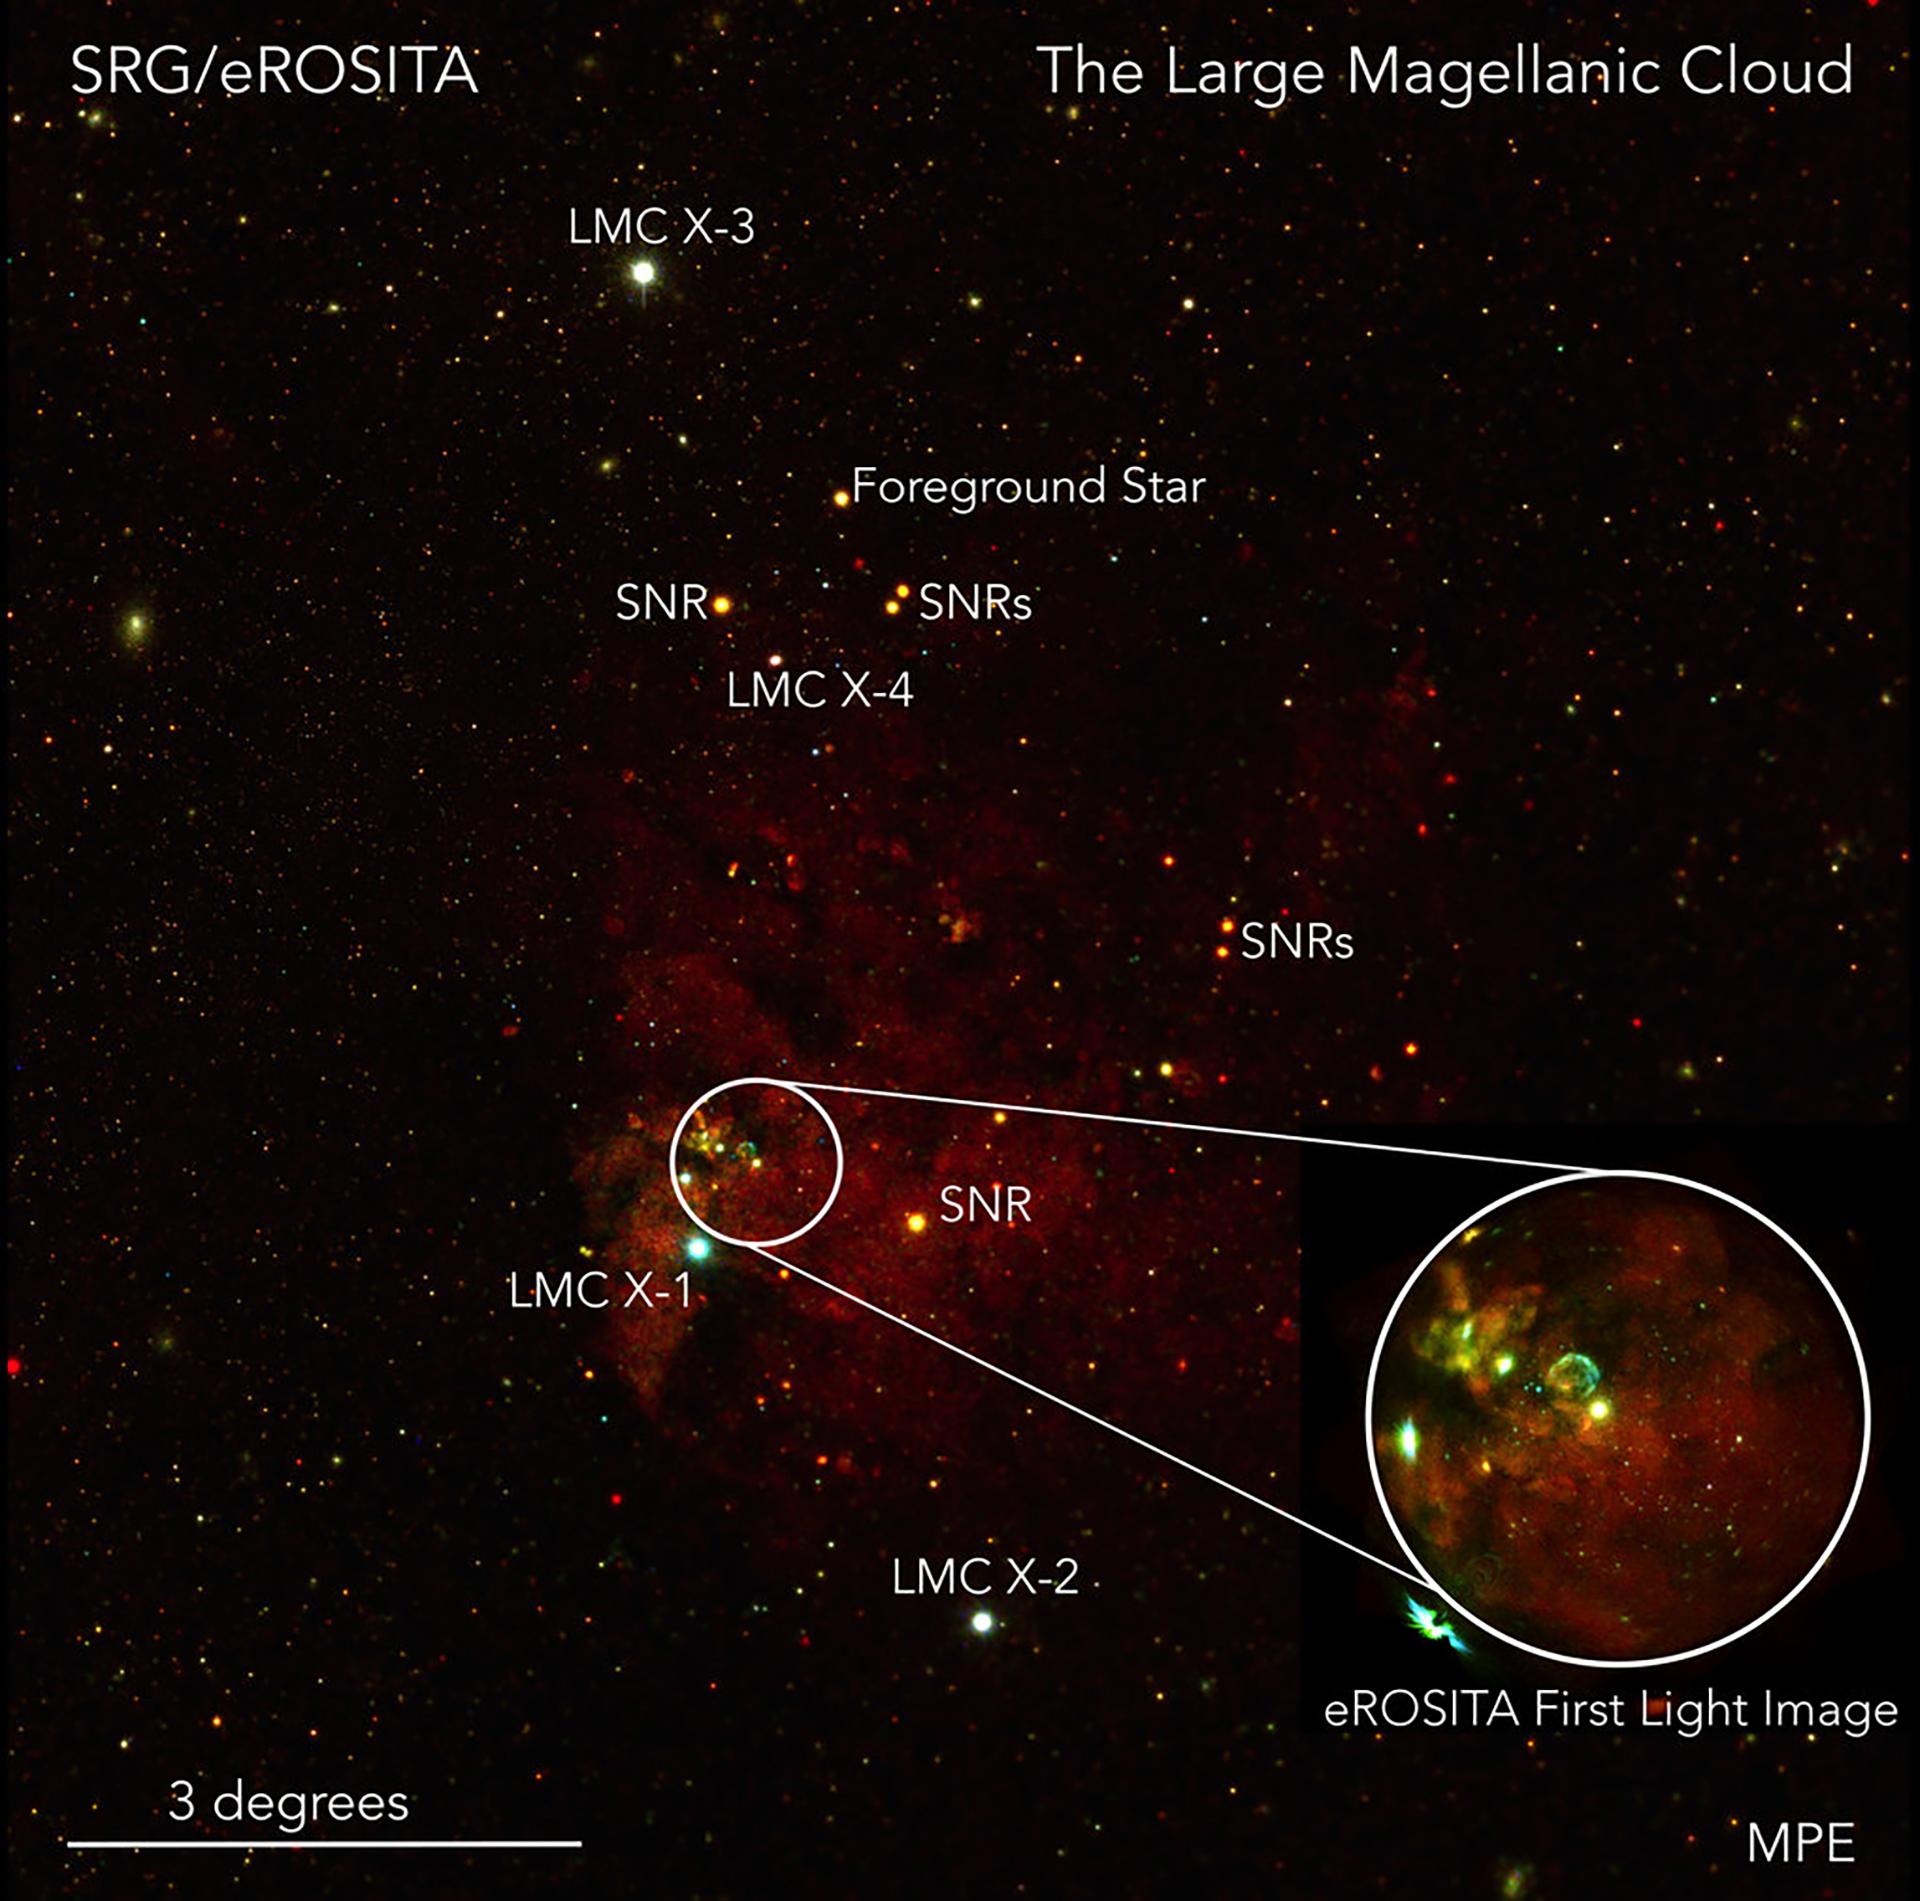 Las cuatro fuentes de rayos X más brillantes de la región de la Gran Nube de Magallanes están marcadas (LMC X-1 a 4). También son visibles numerosos restos de supernovas (SNR) y muchas estrellas en primer plano (imagen: Frank Haberl, Chandreyee Maitra/MPE)